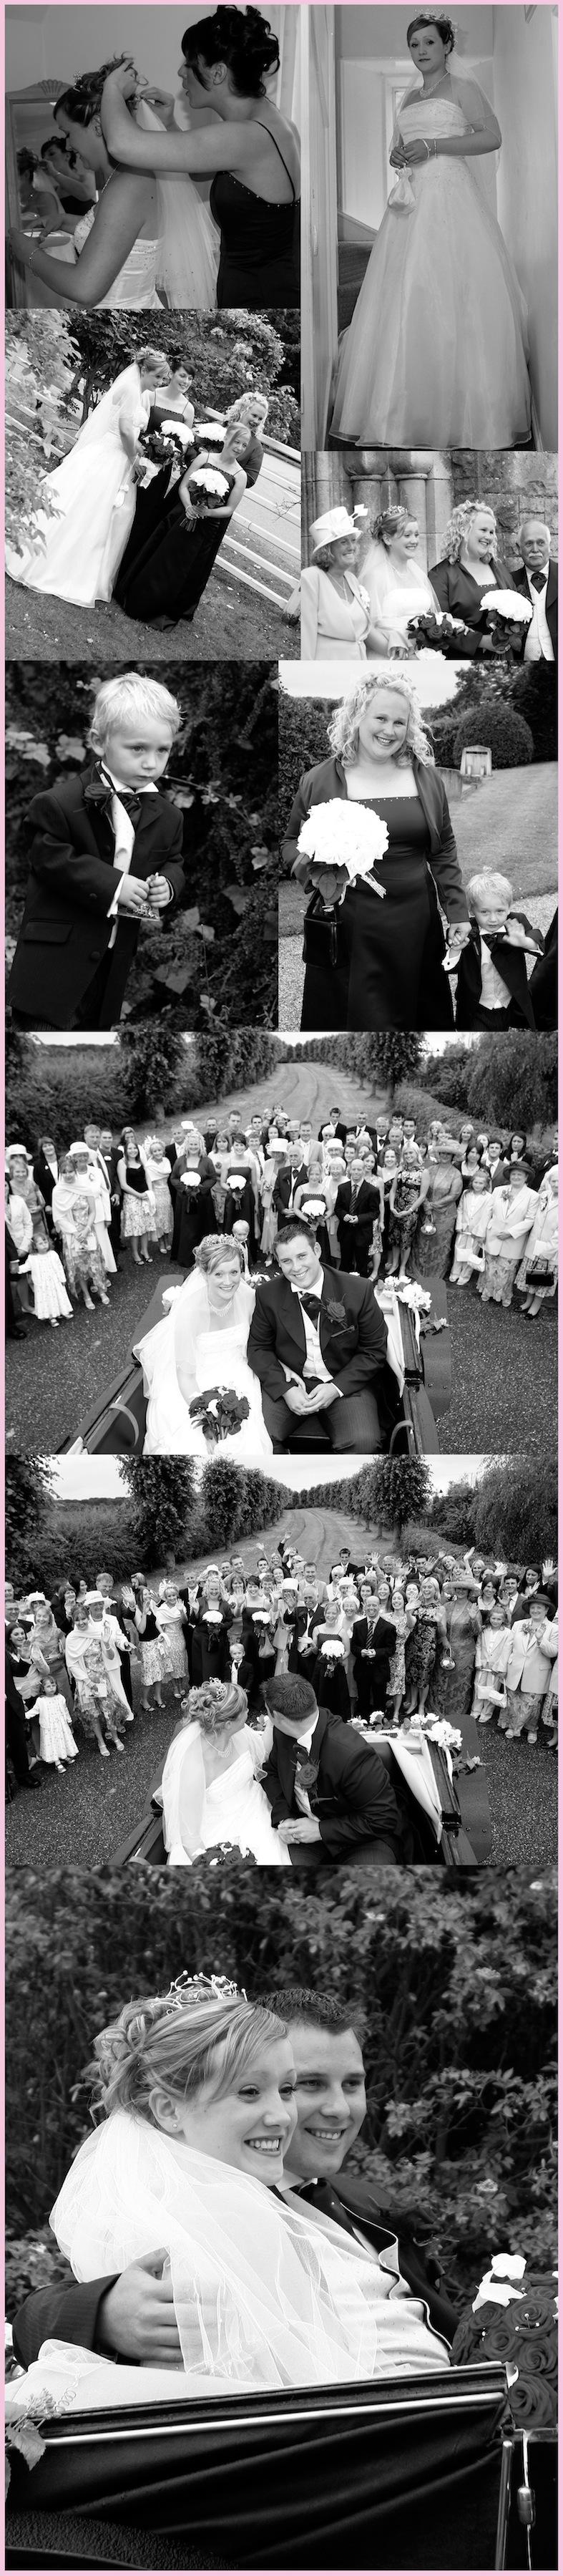 Wedding B&W